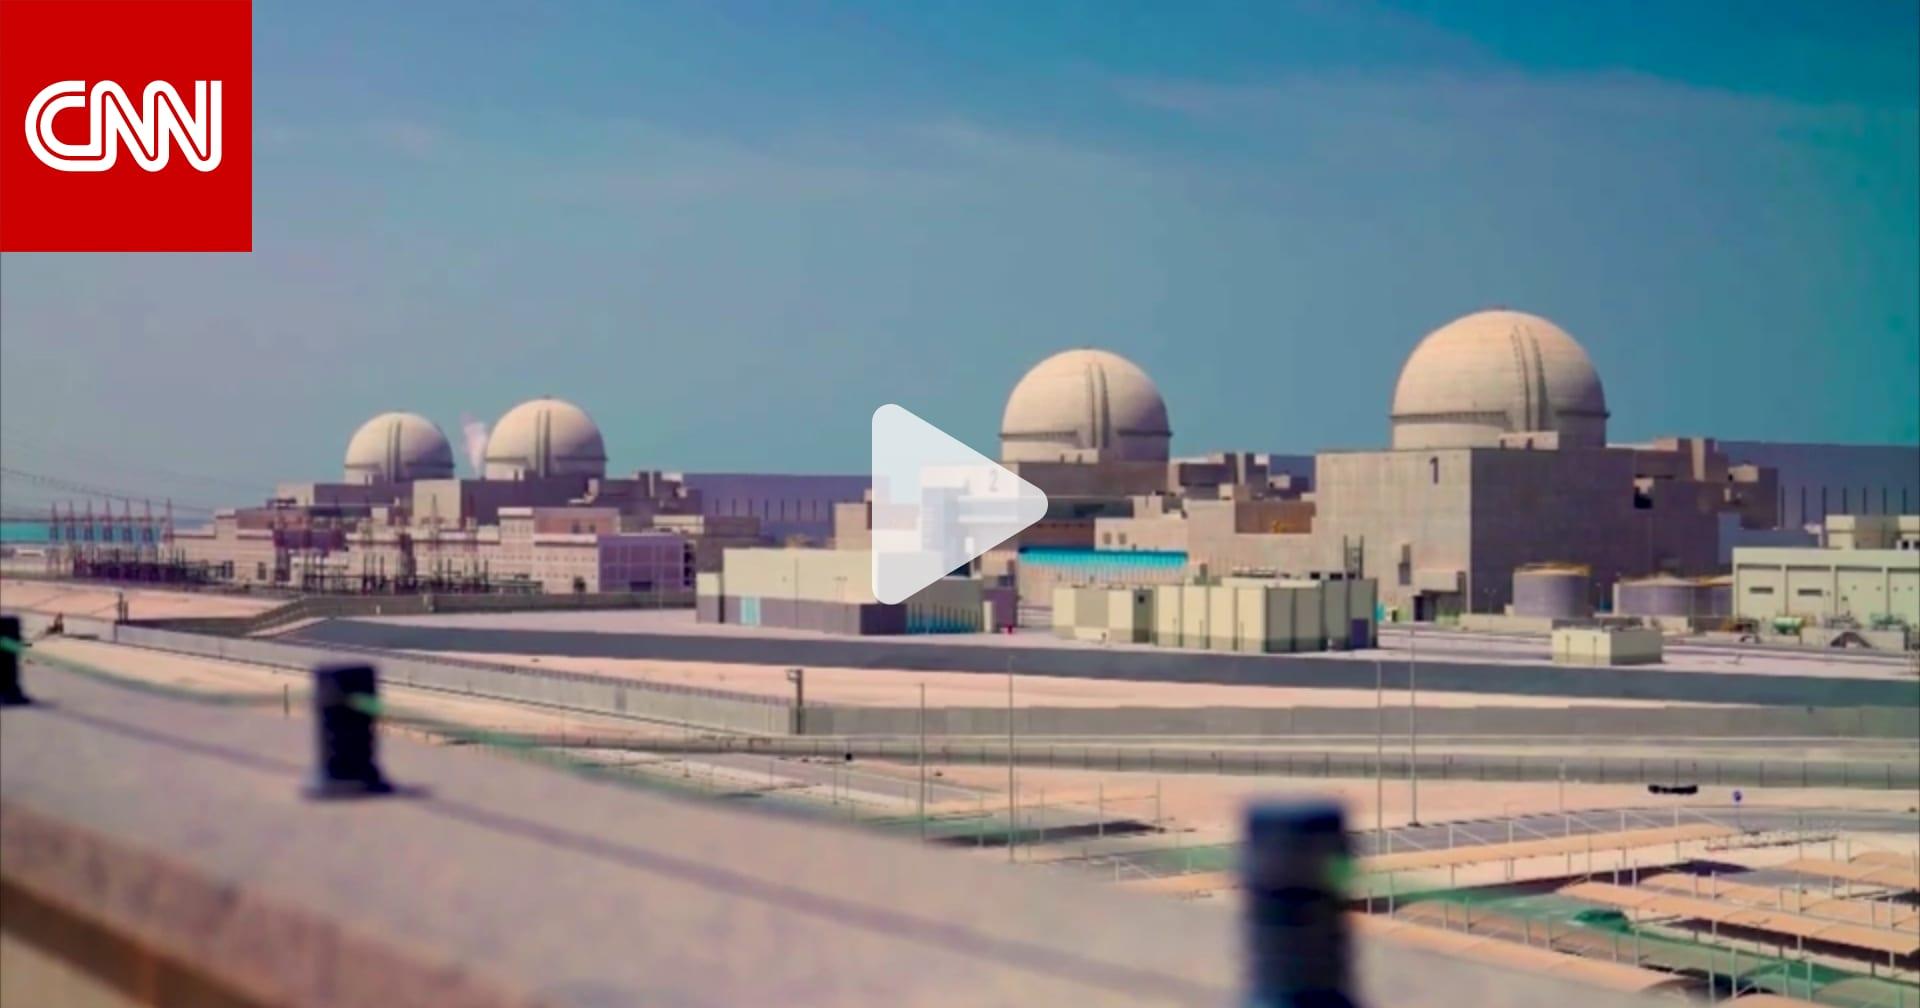 منشأة الإمارات النووية تبدأ عملياتها التجارية لتوليد 25٪ من الكهرباء في البلاد